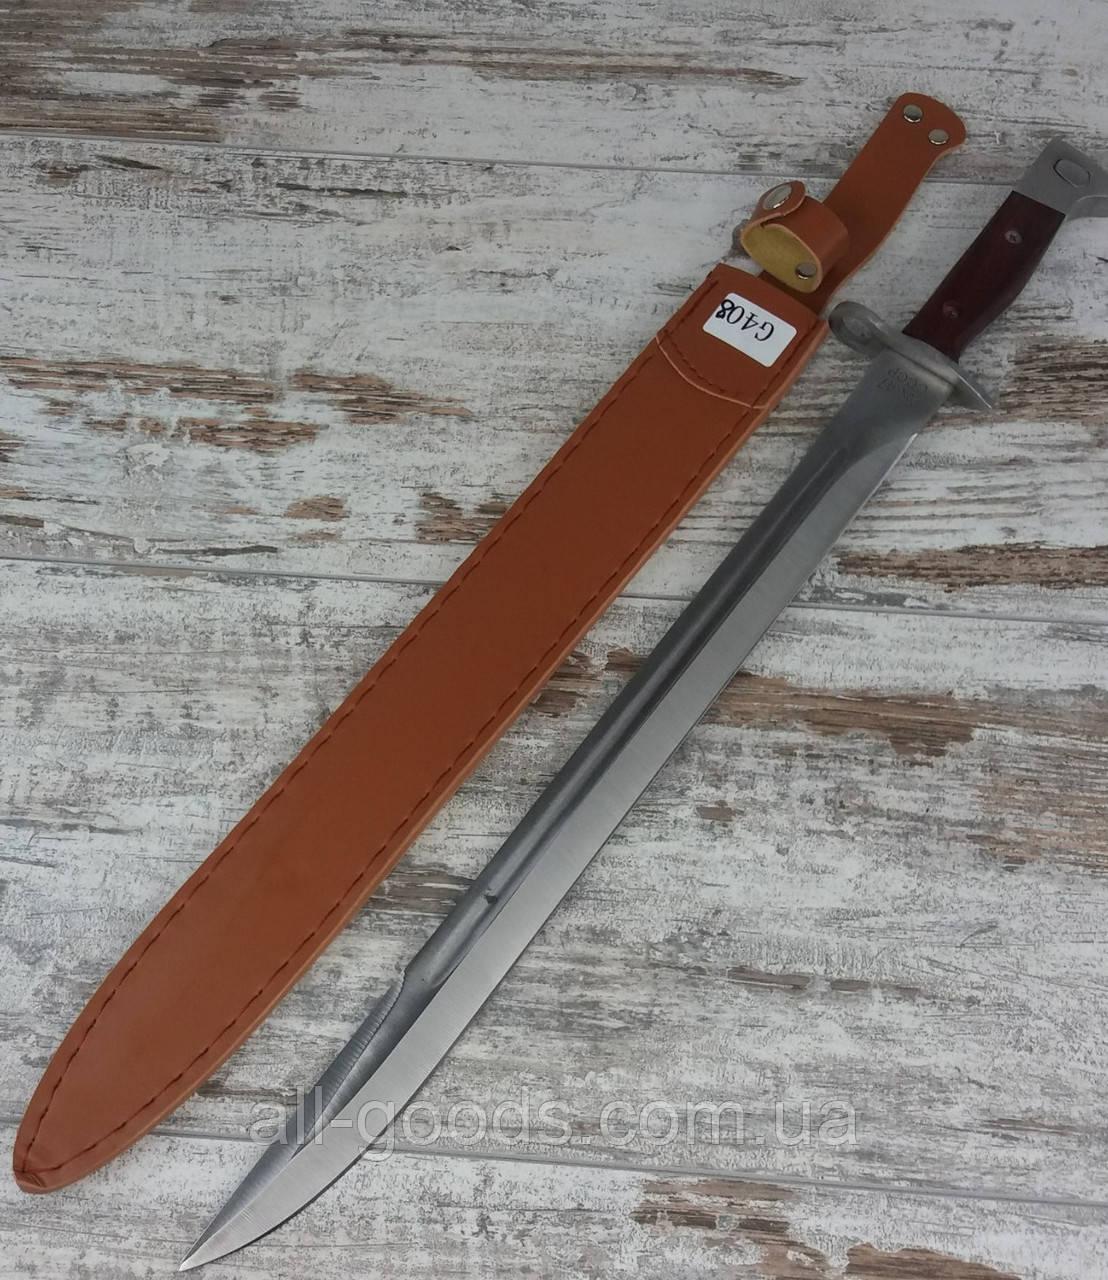 ШТЫК НОЖ АК-47 ДЛИНА 51СМ / G408. Нож для охоты, рыбалки и туризма. Охотничий нож. Нож для выживания в чехле.